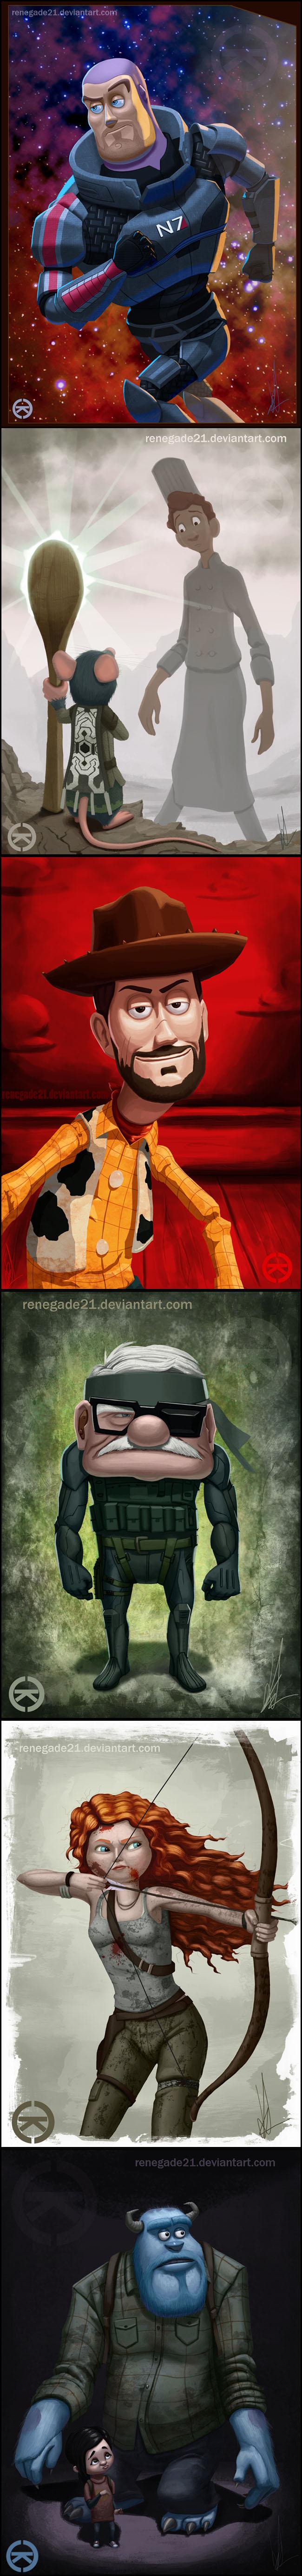 0 a pixar games